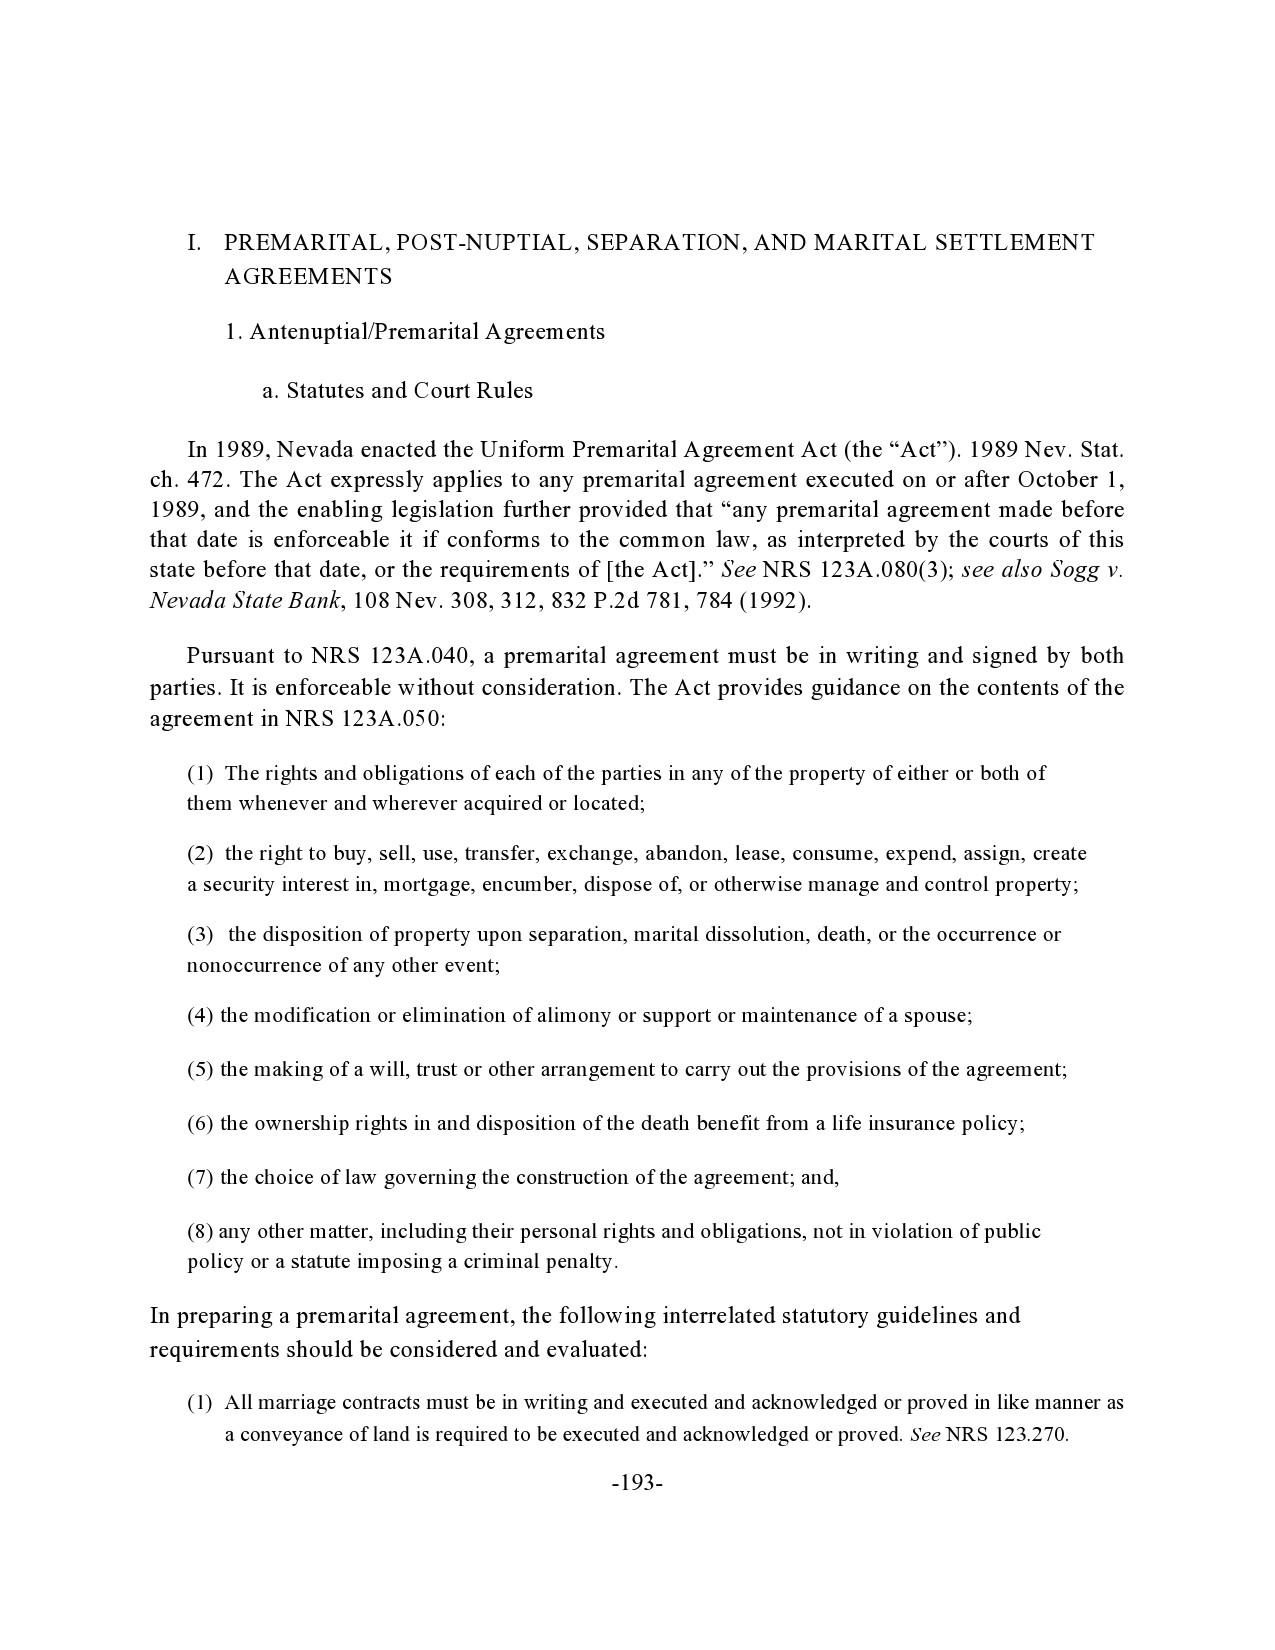 Free marital settlement agreement 17